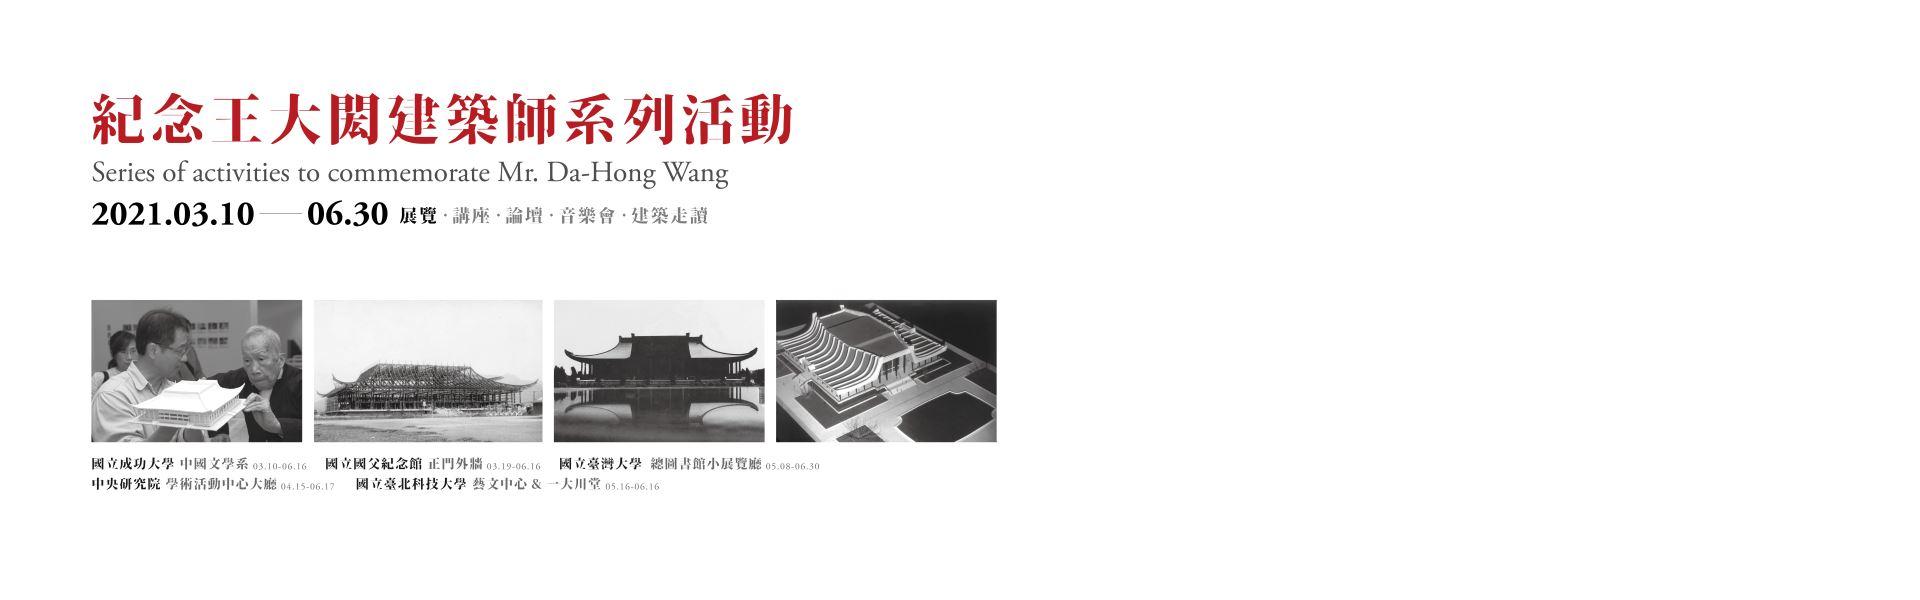 紀念王大閎建築師系列活動「另開新視窗」